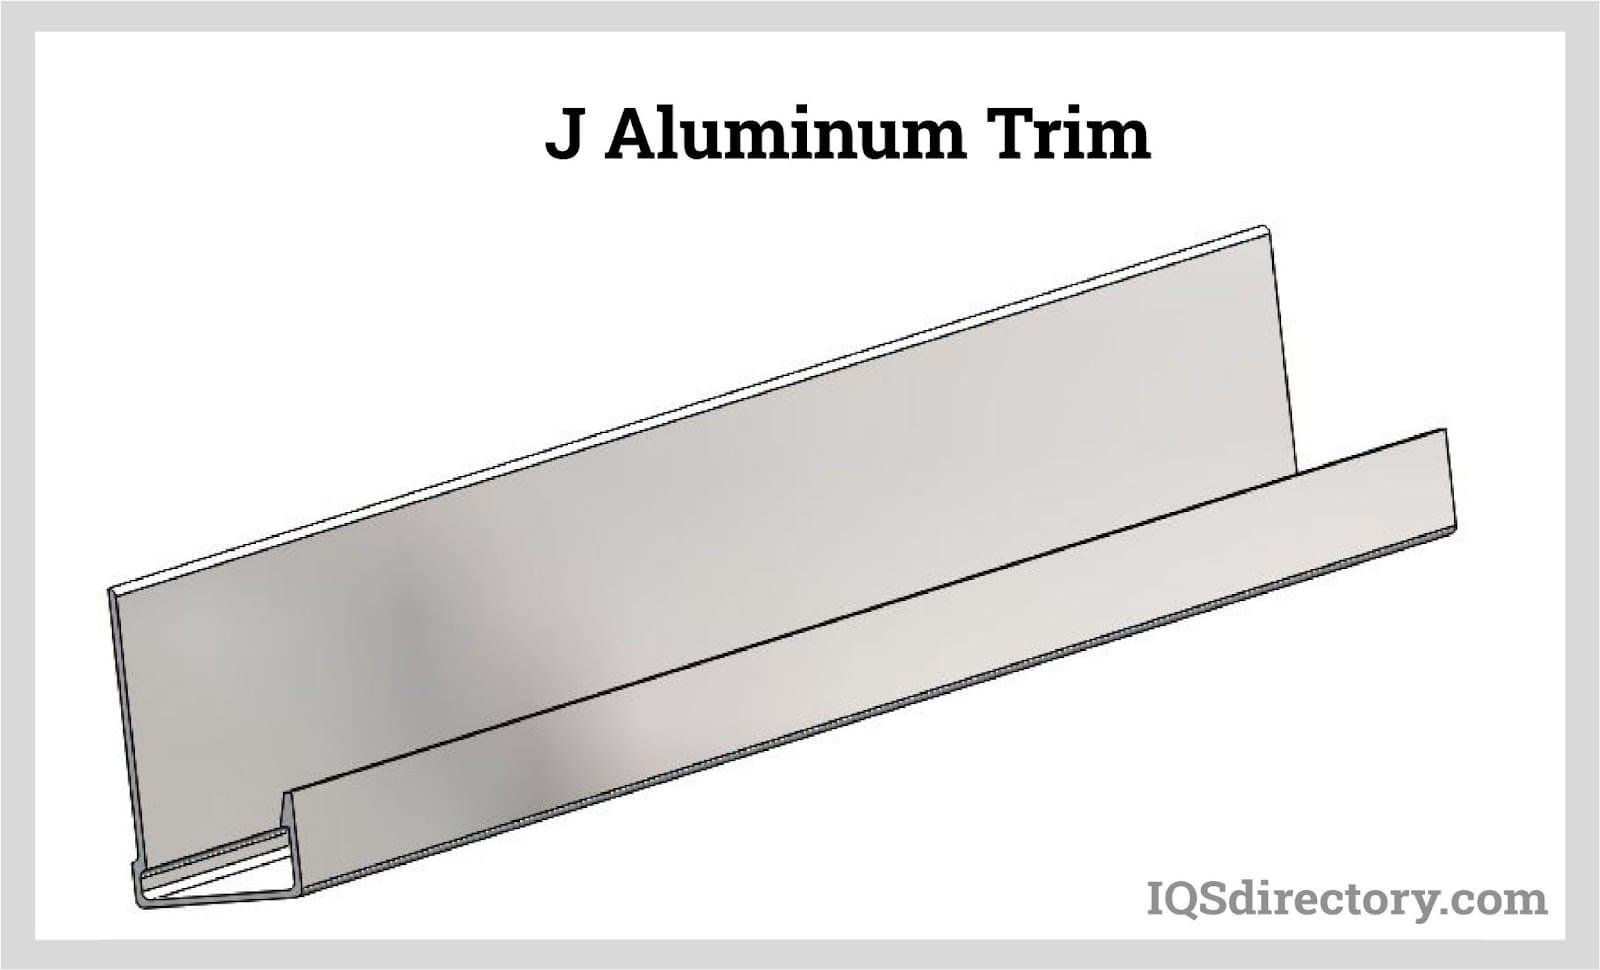 J Aluminum Trim